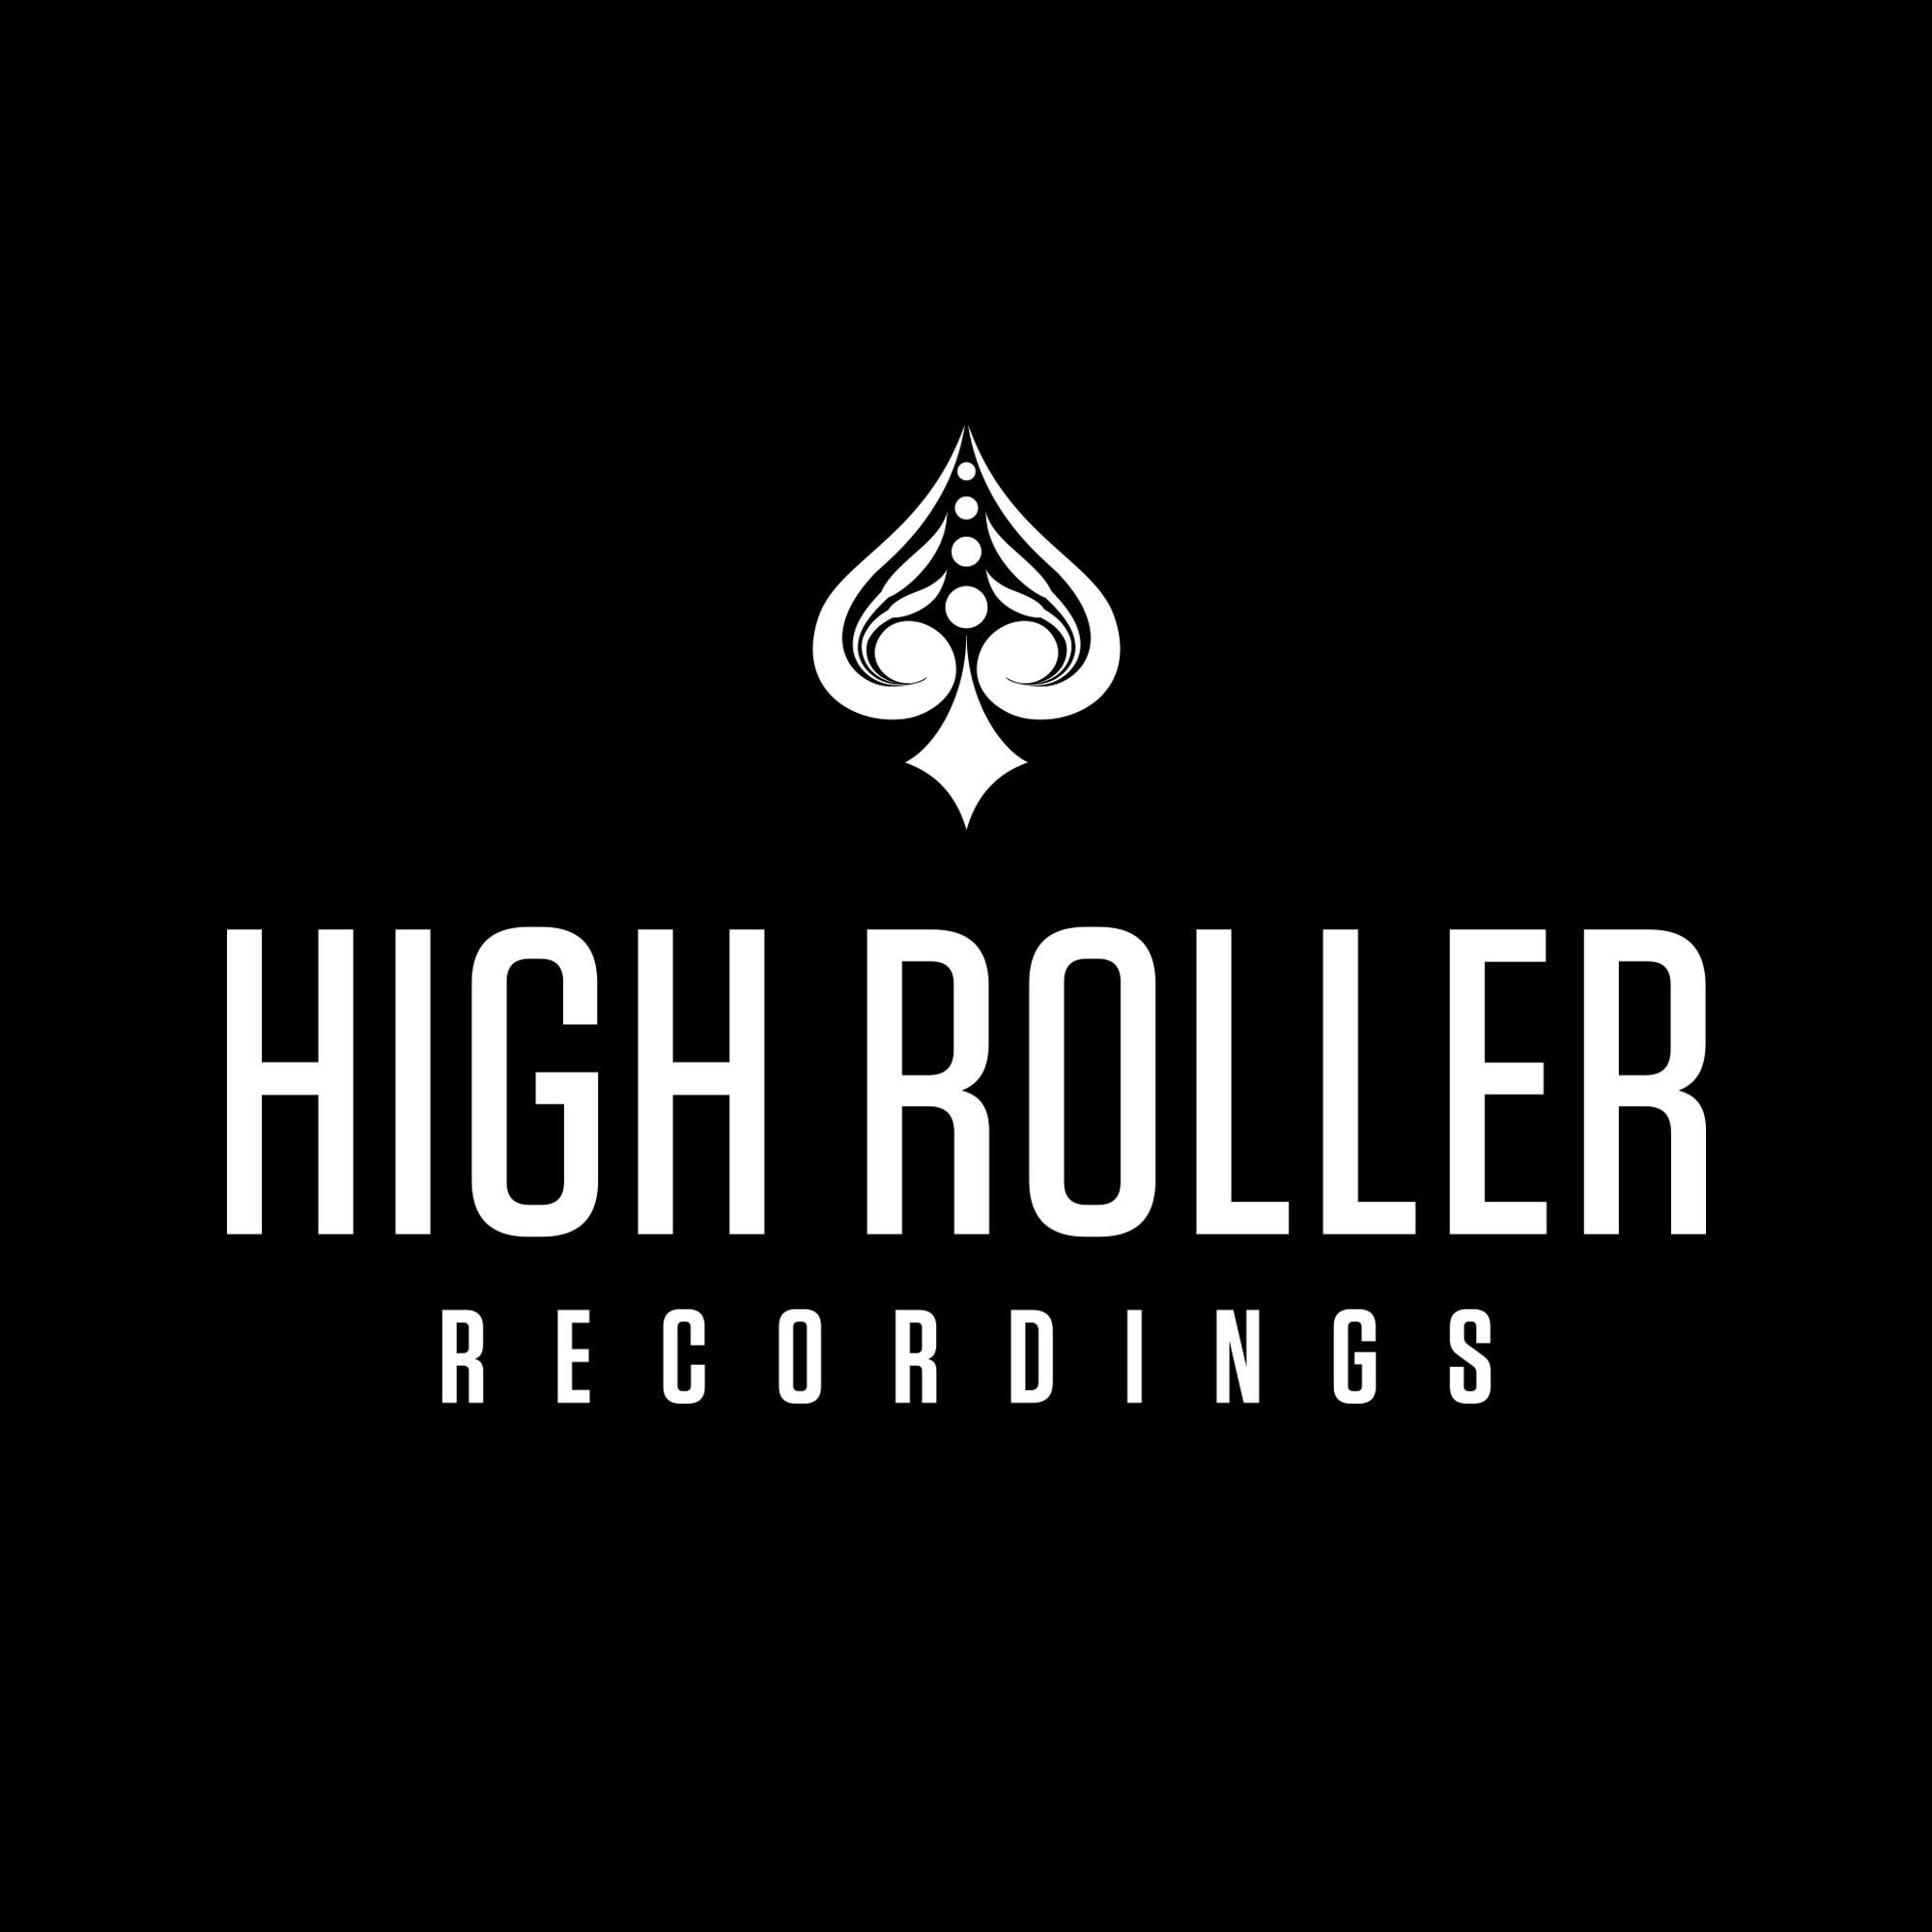 high roller.jpg